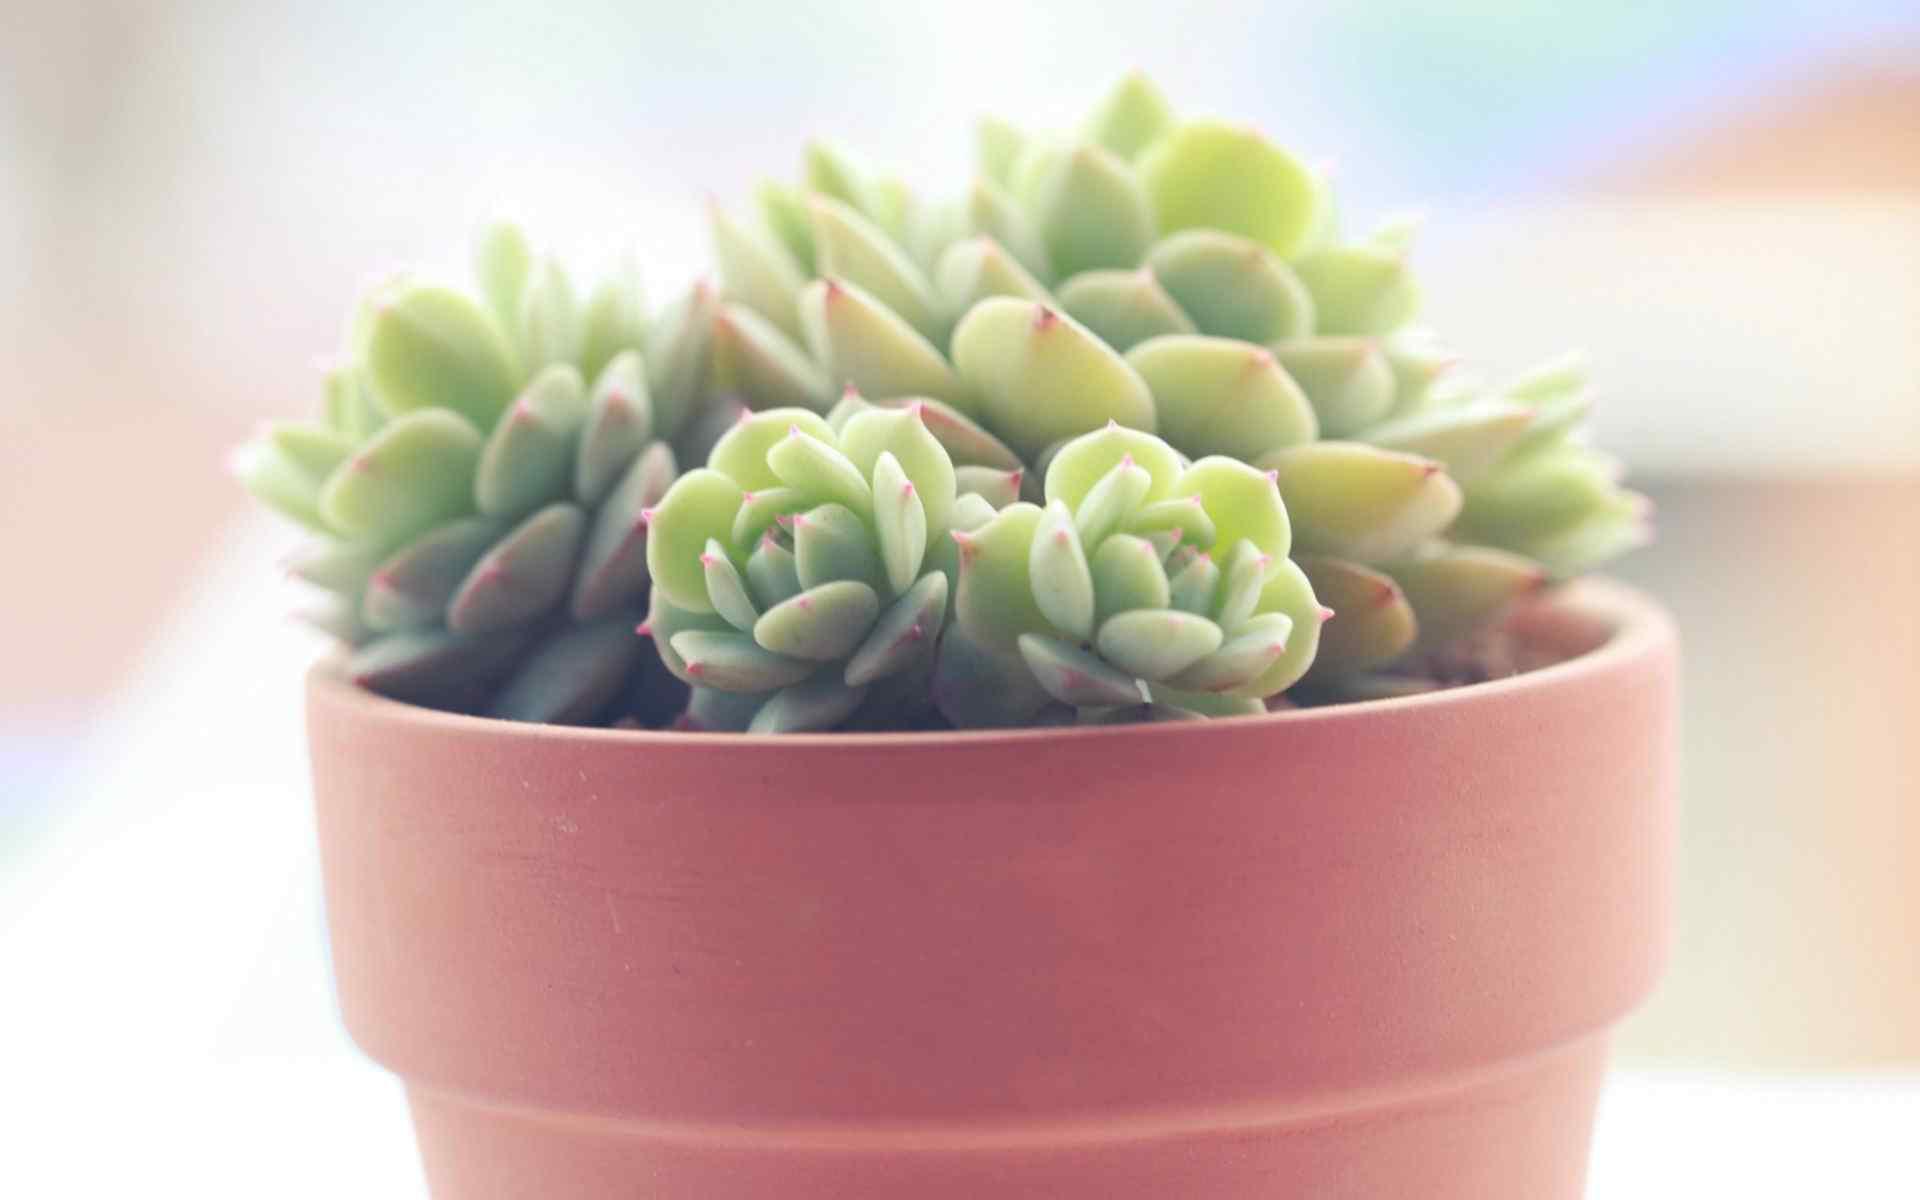 清新护眼绿色植物高清壁纸 小清新图片 护眼壁纸第二辑